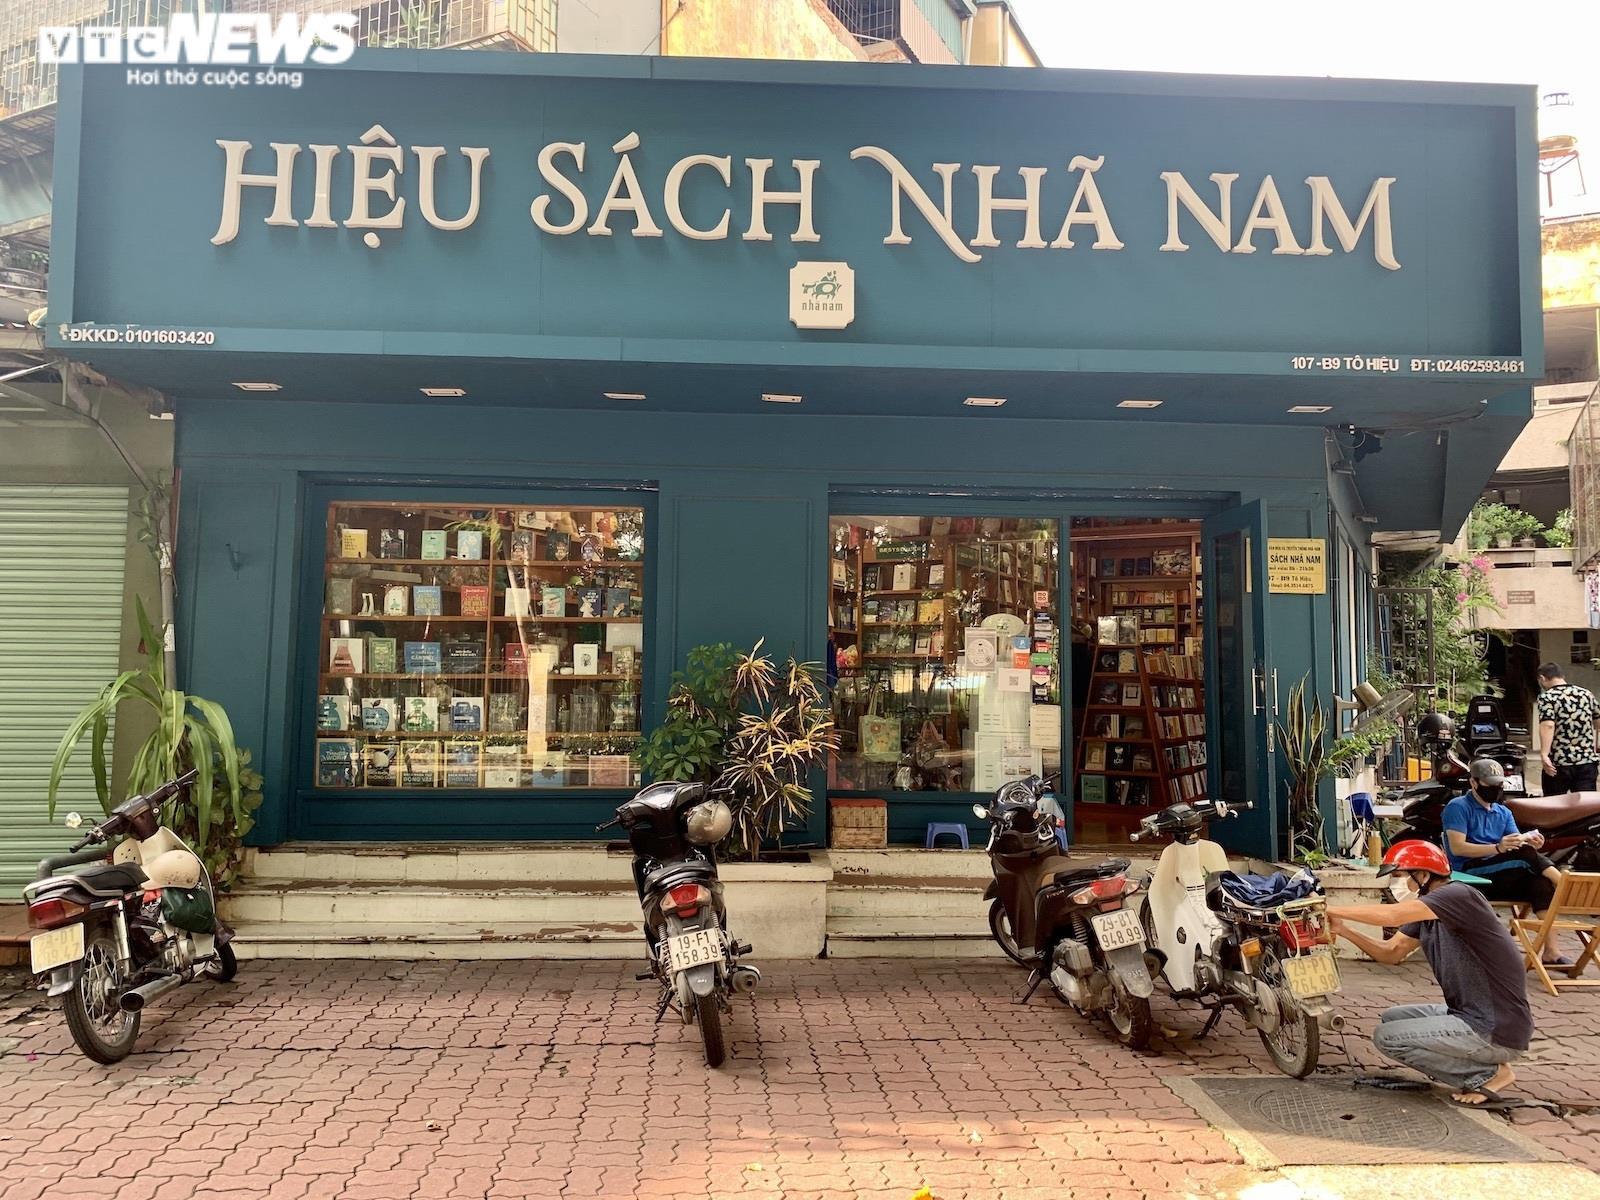 Hiệu sách ở  Hà Nội mở cửa, chật cứng phụ huynh mua đồ dùng học tập cho con - 3